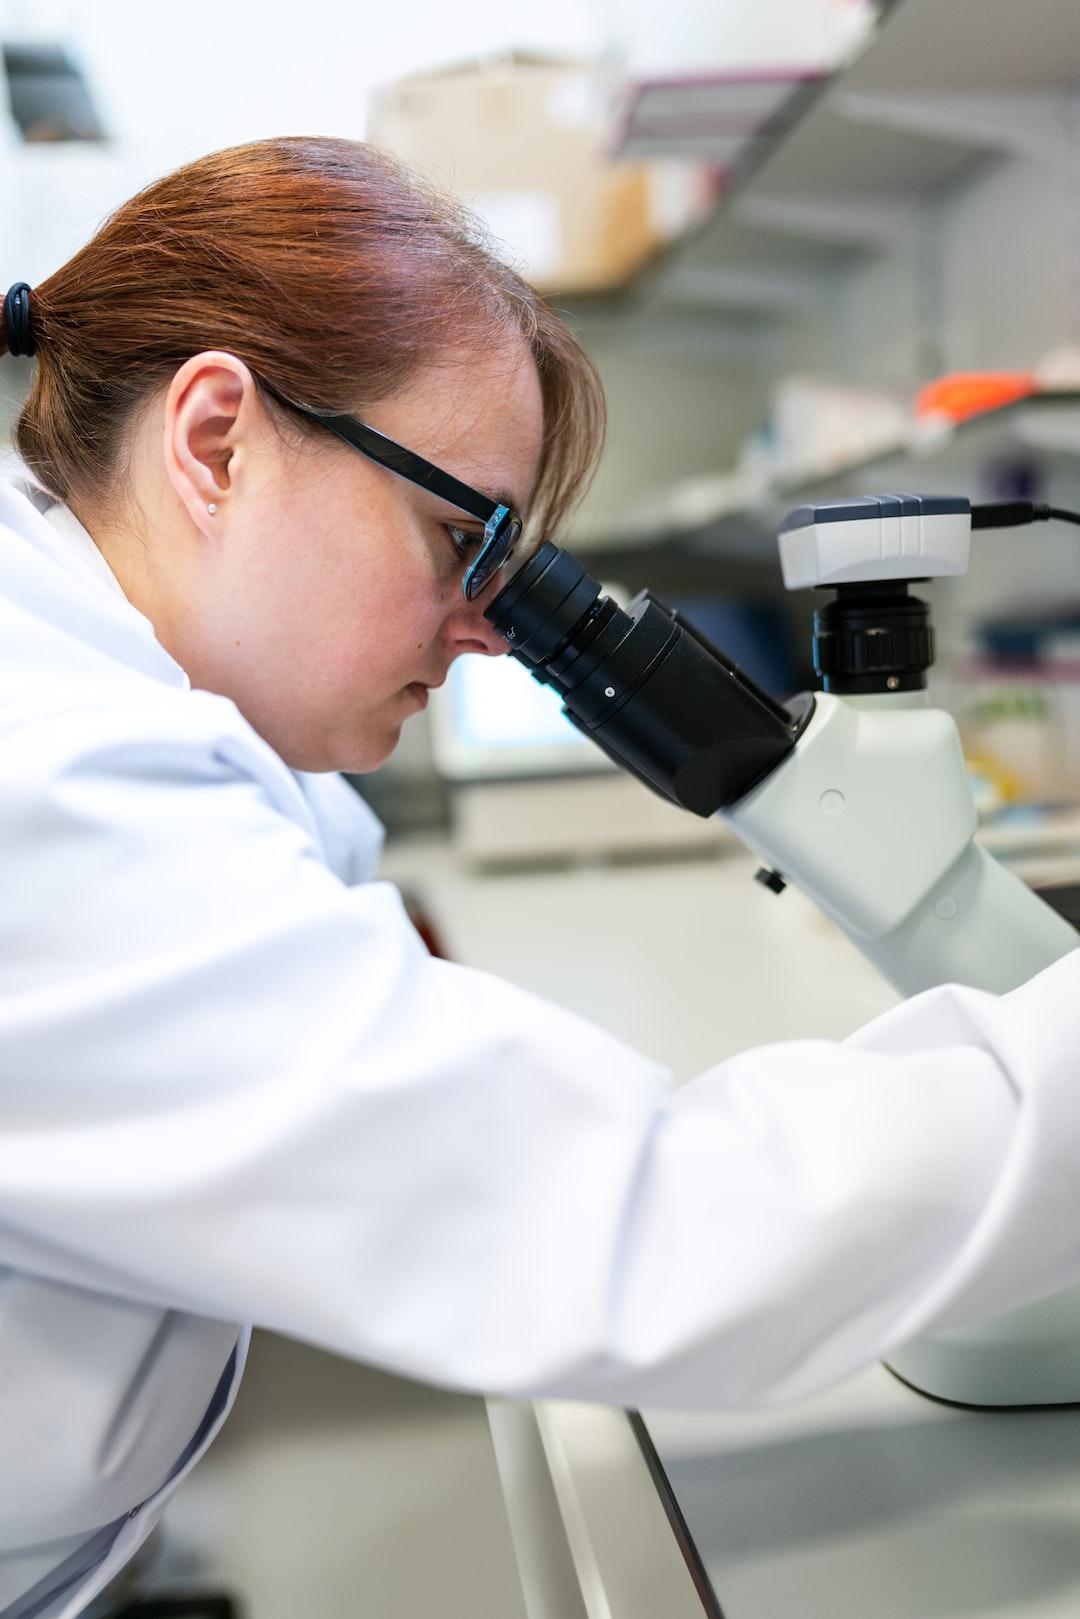 Female biomedical engineer uses microscope